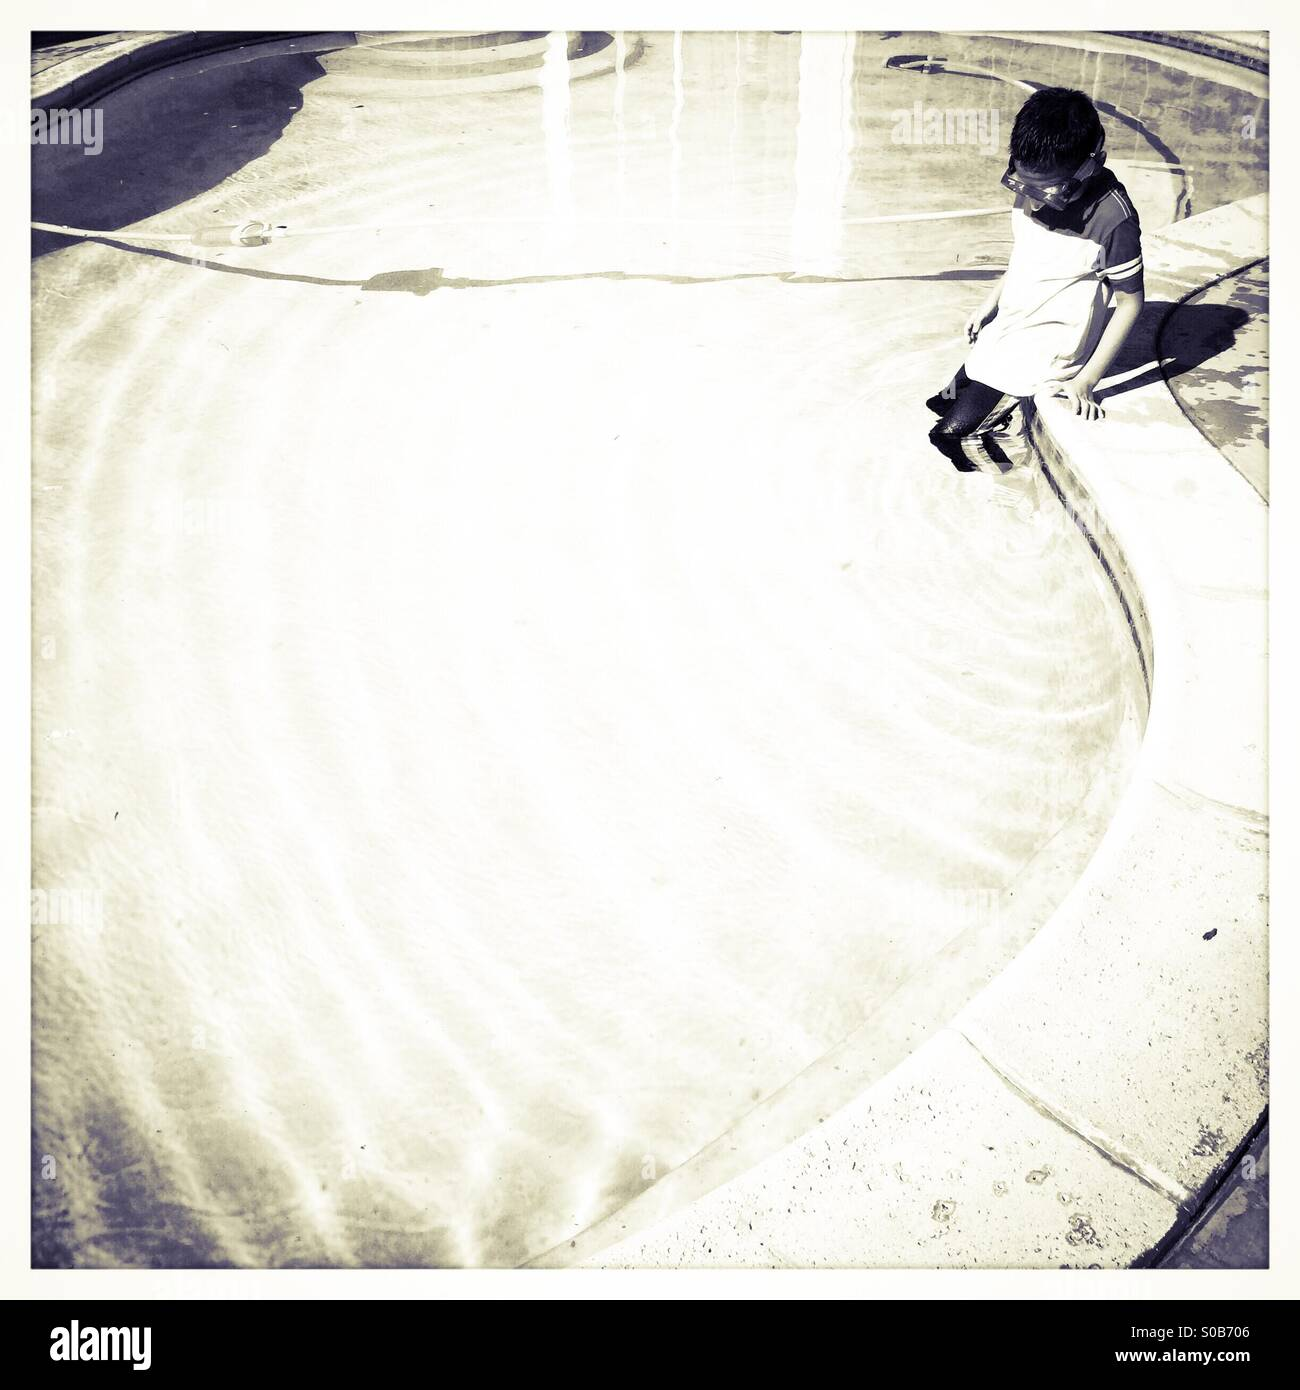 Un garçon de sept ans portant des vêtements et un masque de natation se trouve sur le bord d'une piscine. Photo Stock